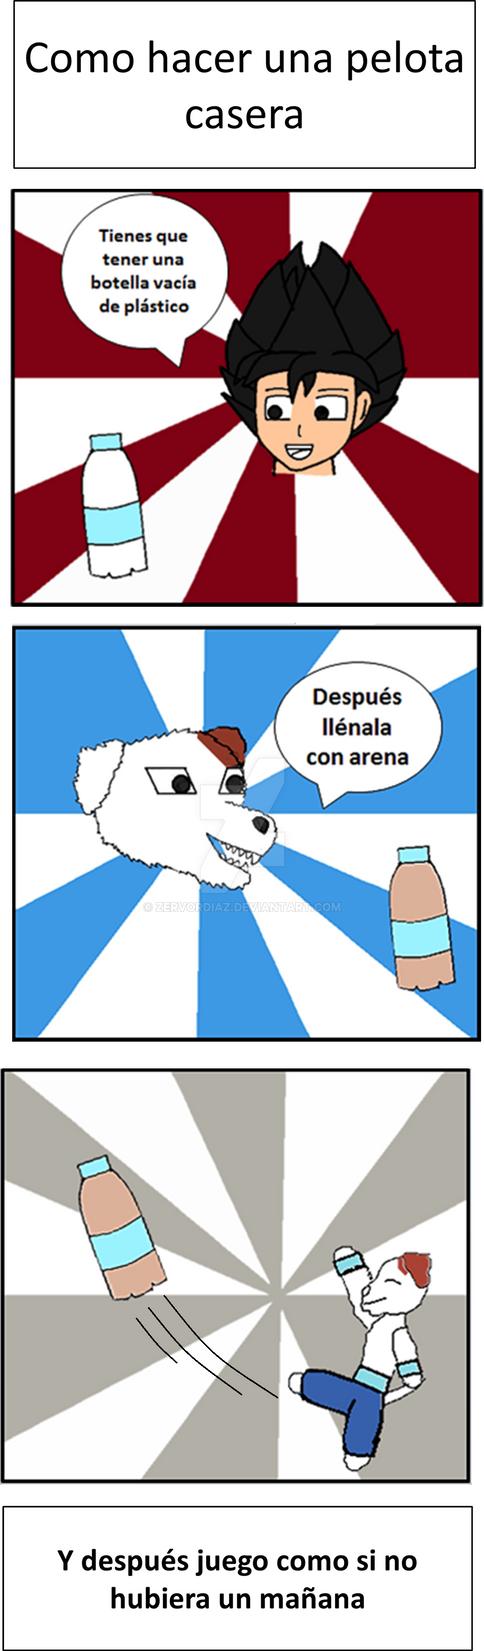 Como hacer una pelota casera by zervordiaz on deviantart - Como insonorizar una habitacion casera ...